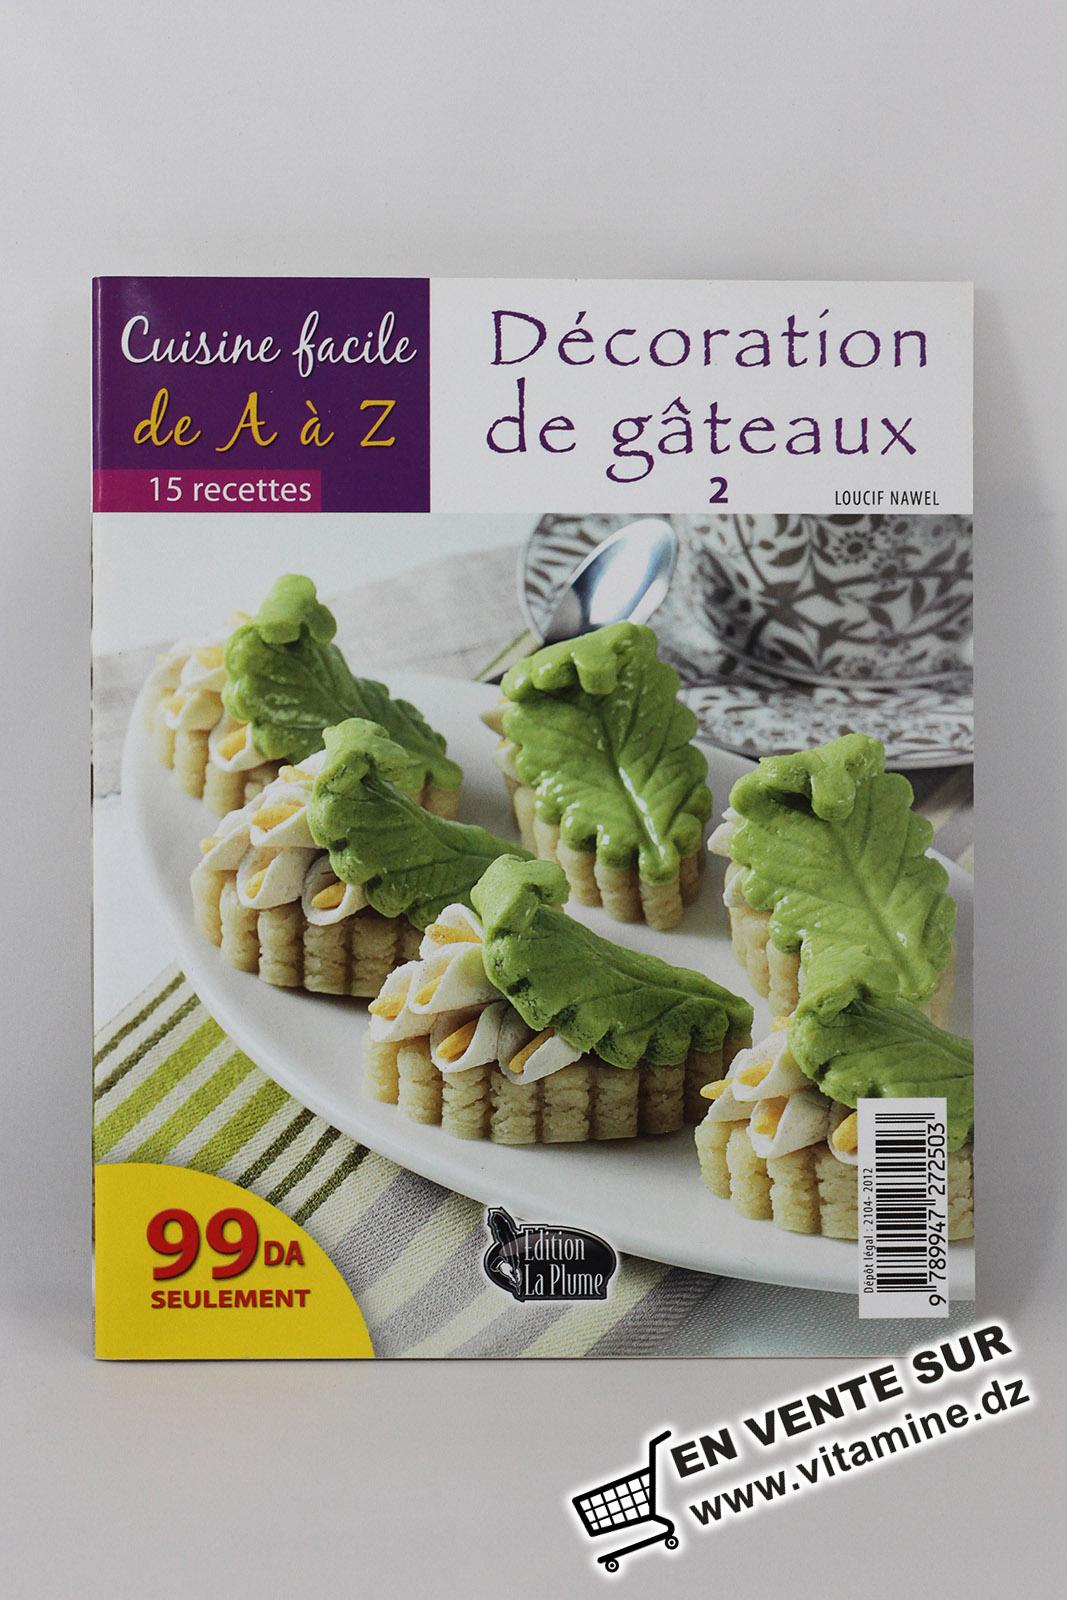 Cuisine facile de A à Z - Décoration de gâteaux 2